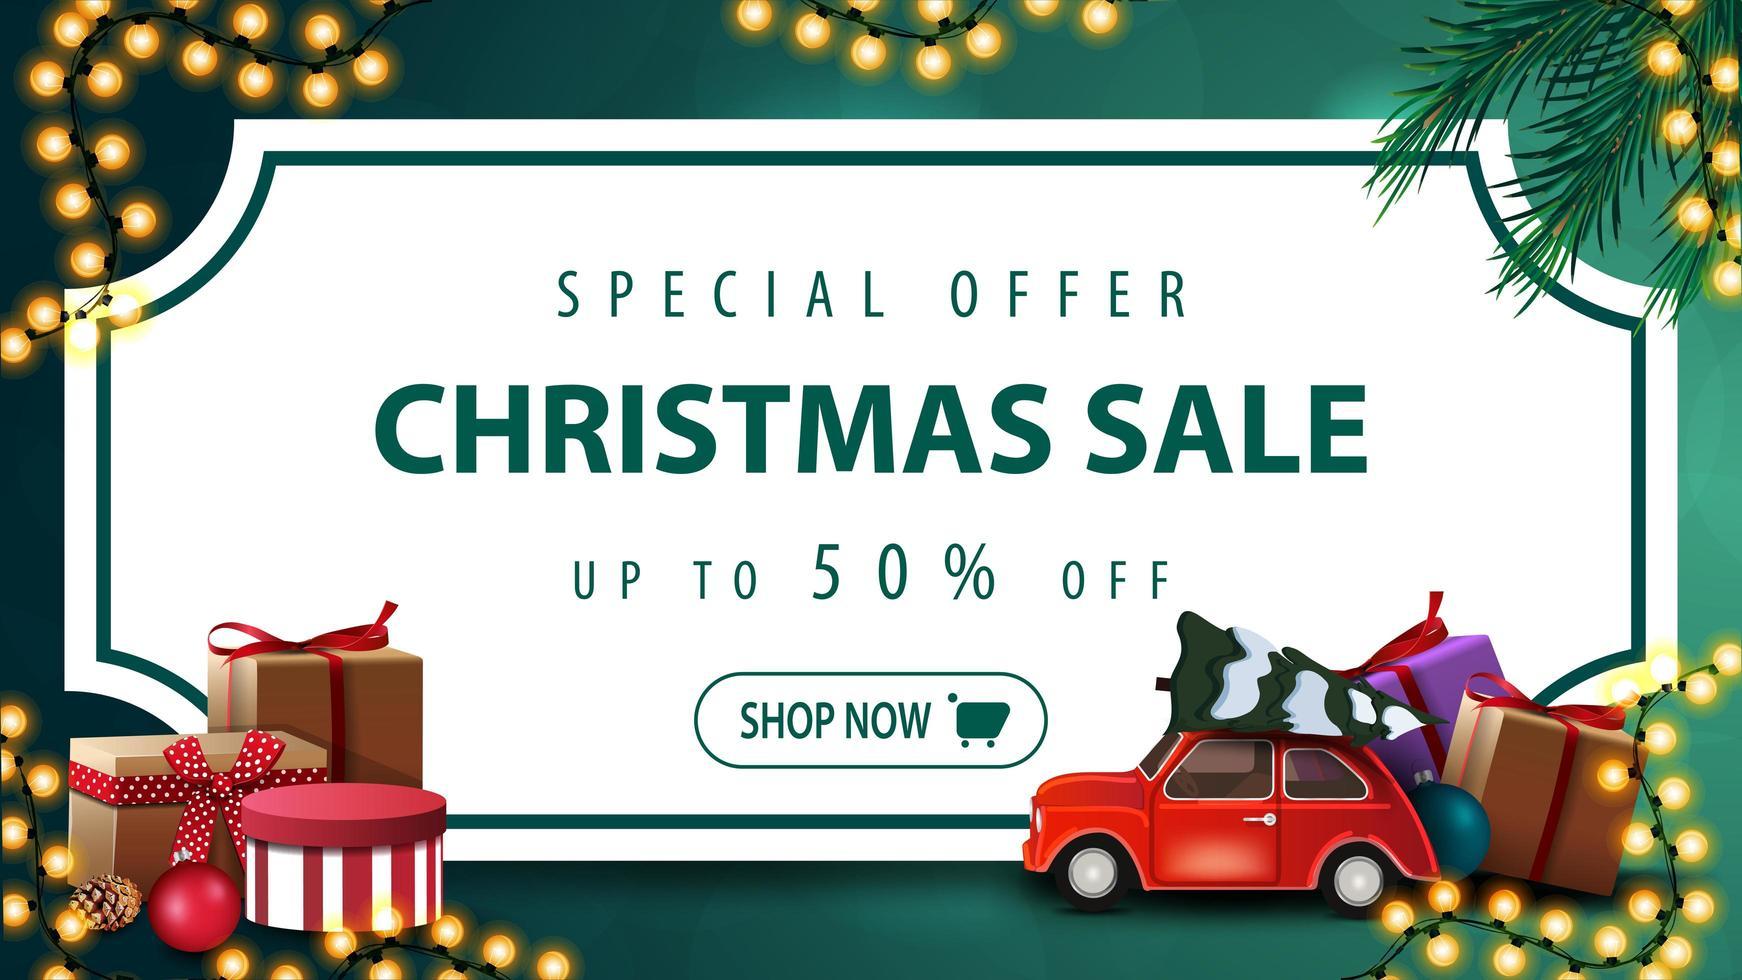 Sonderangebot, Weihnachtsverkauf, bis zu 50 Rabatt, grünes Rabattbanner mit weißem Blatt Papier in Form von Vintage-Ticket, Weihnachtsbaumzweigen, Girlanden und rotem Oldtimer mit Weihnachtsbaum vektor